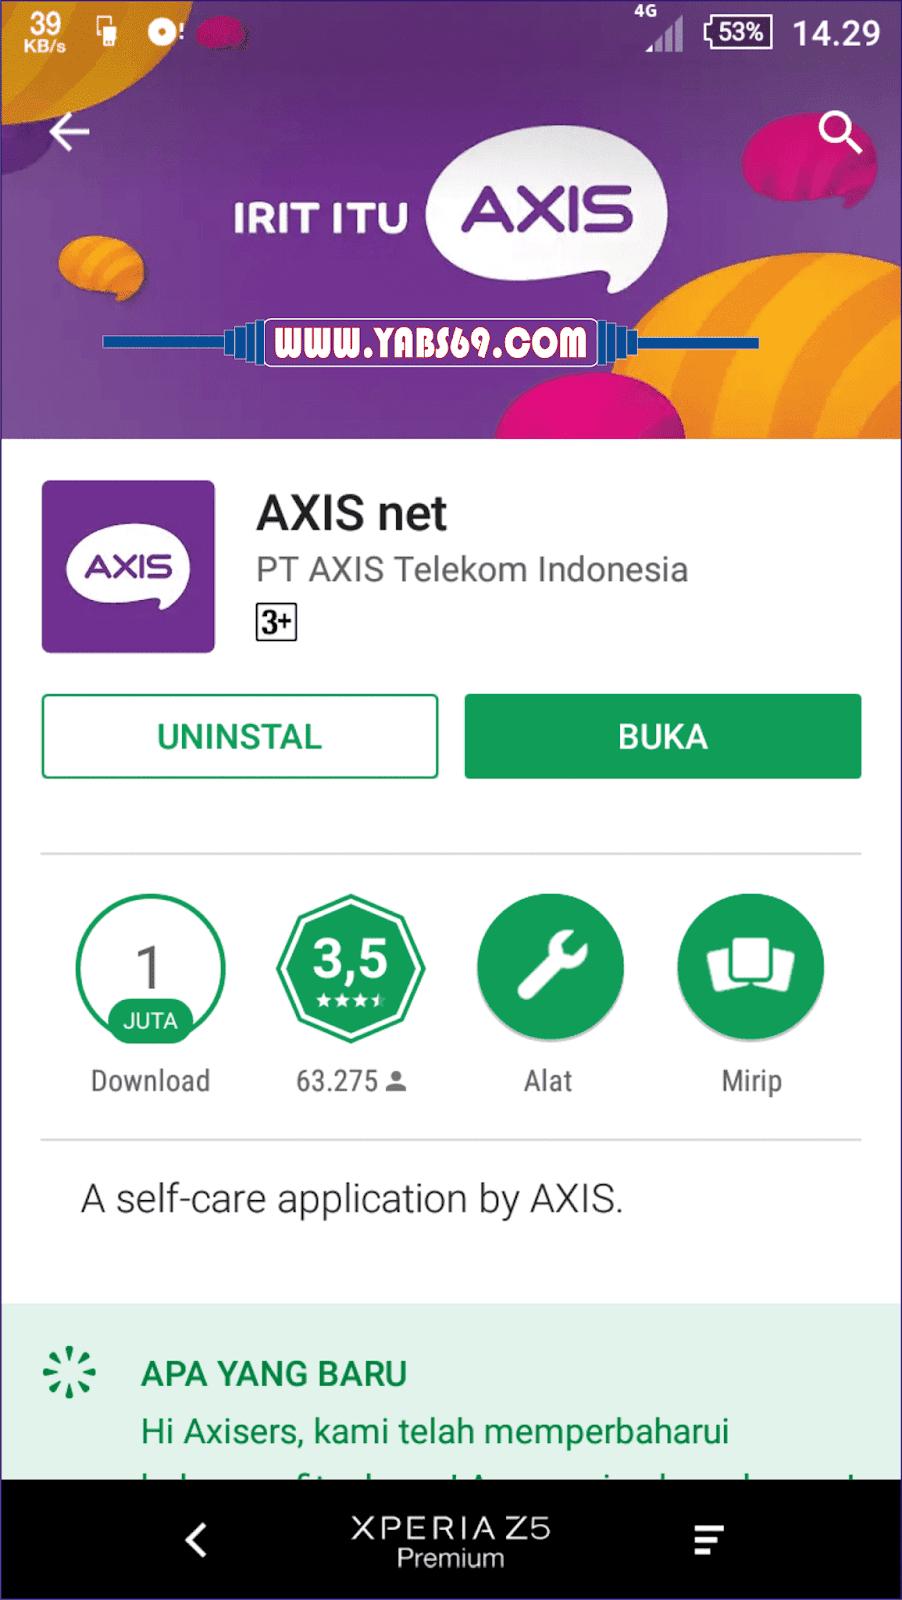 Cara Mendapatkan Paket Data Axis 12gb Hanya Dengan Rp1 Atau Bisa Juga Pake Browser Melalui Link Https Myaxisnetid Kemudian Silahkan Sobat Mendaftar Dan Login Nomer Yang Gunakan Itu